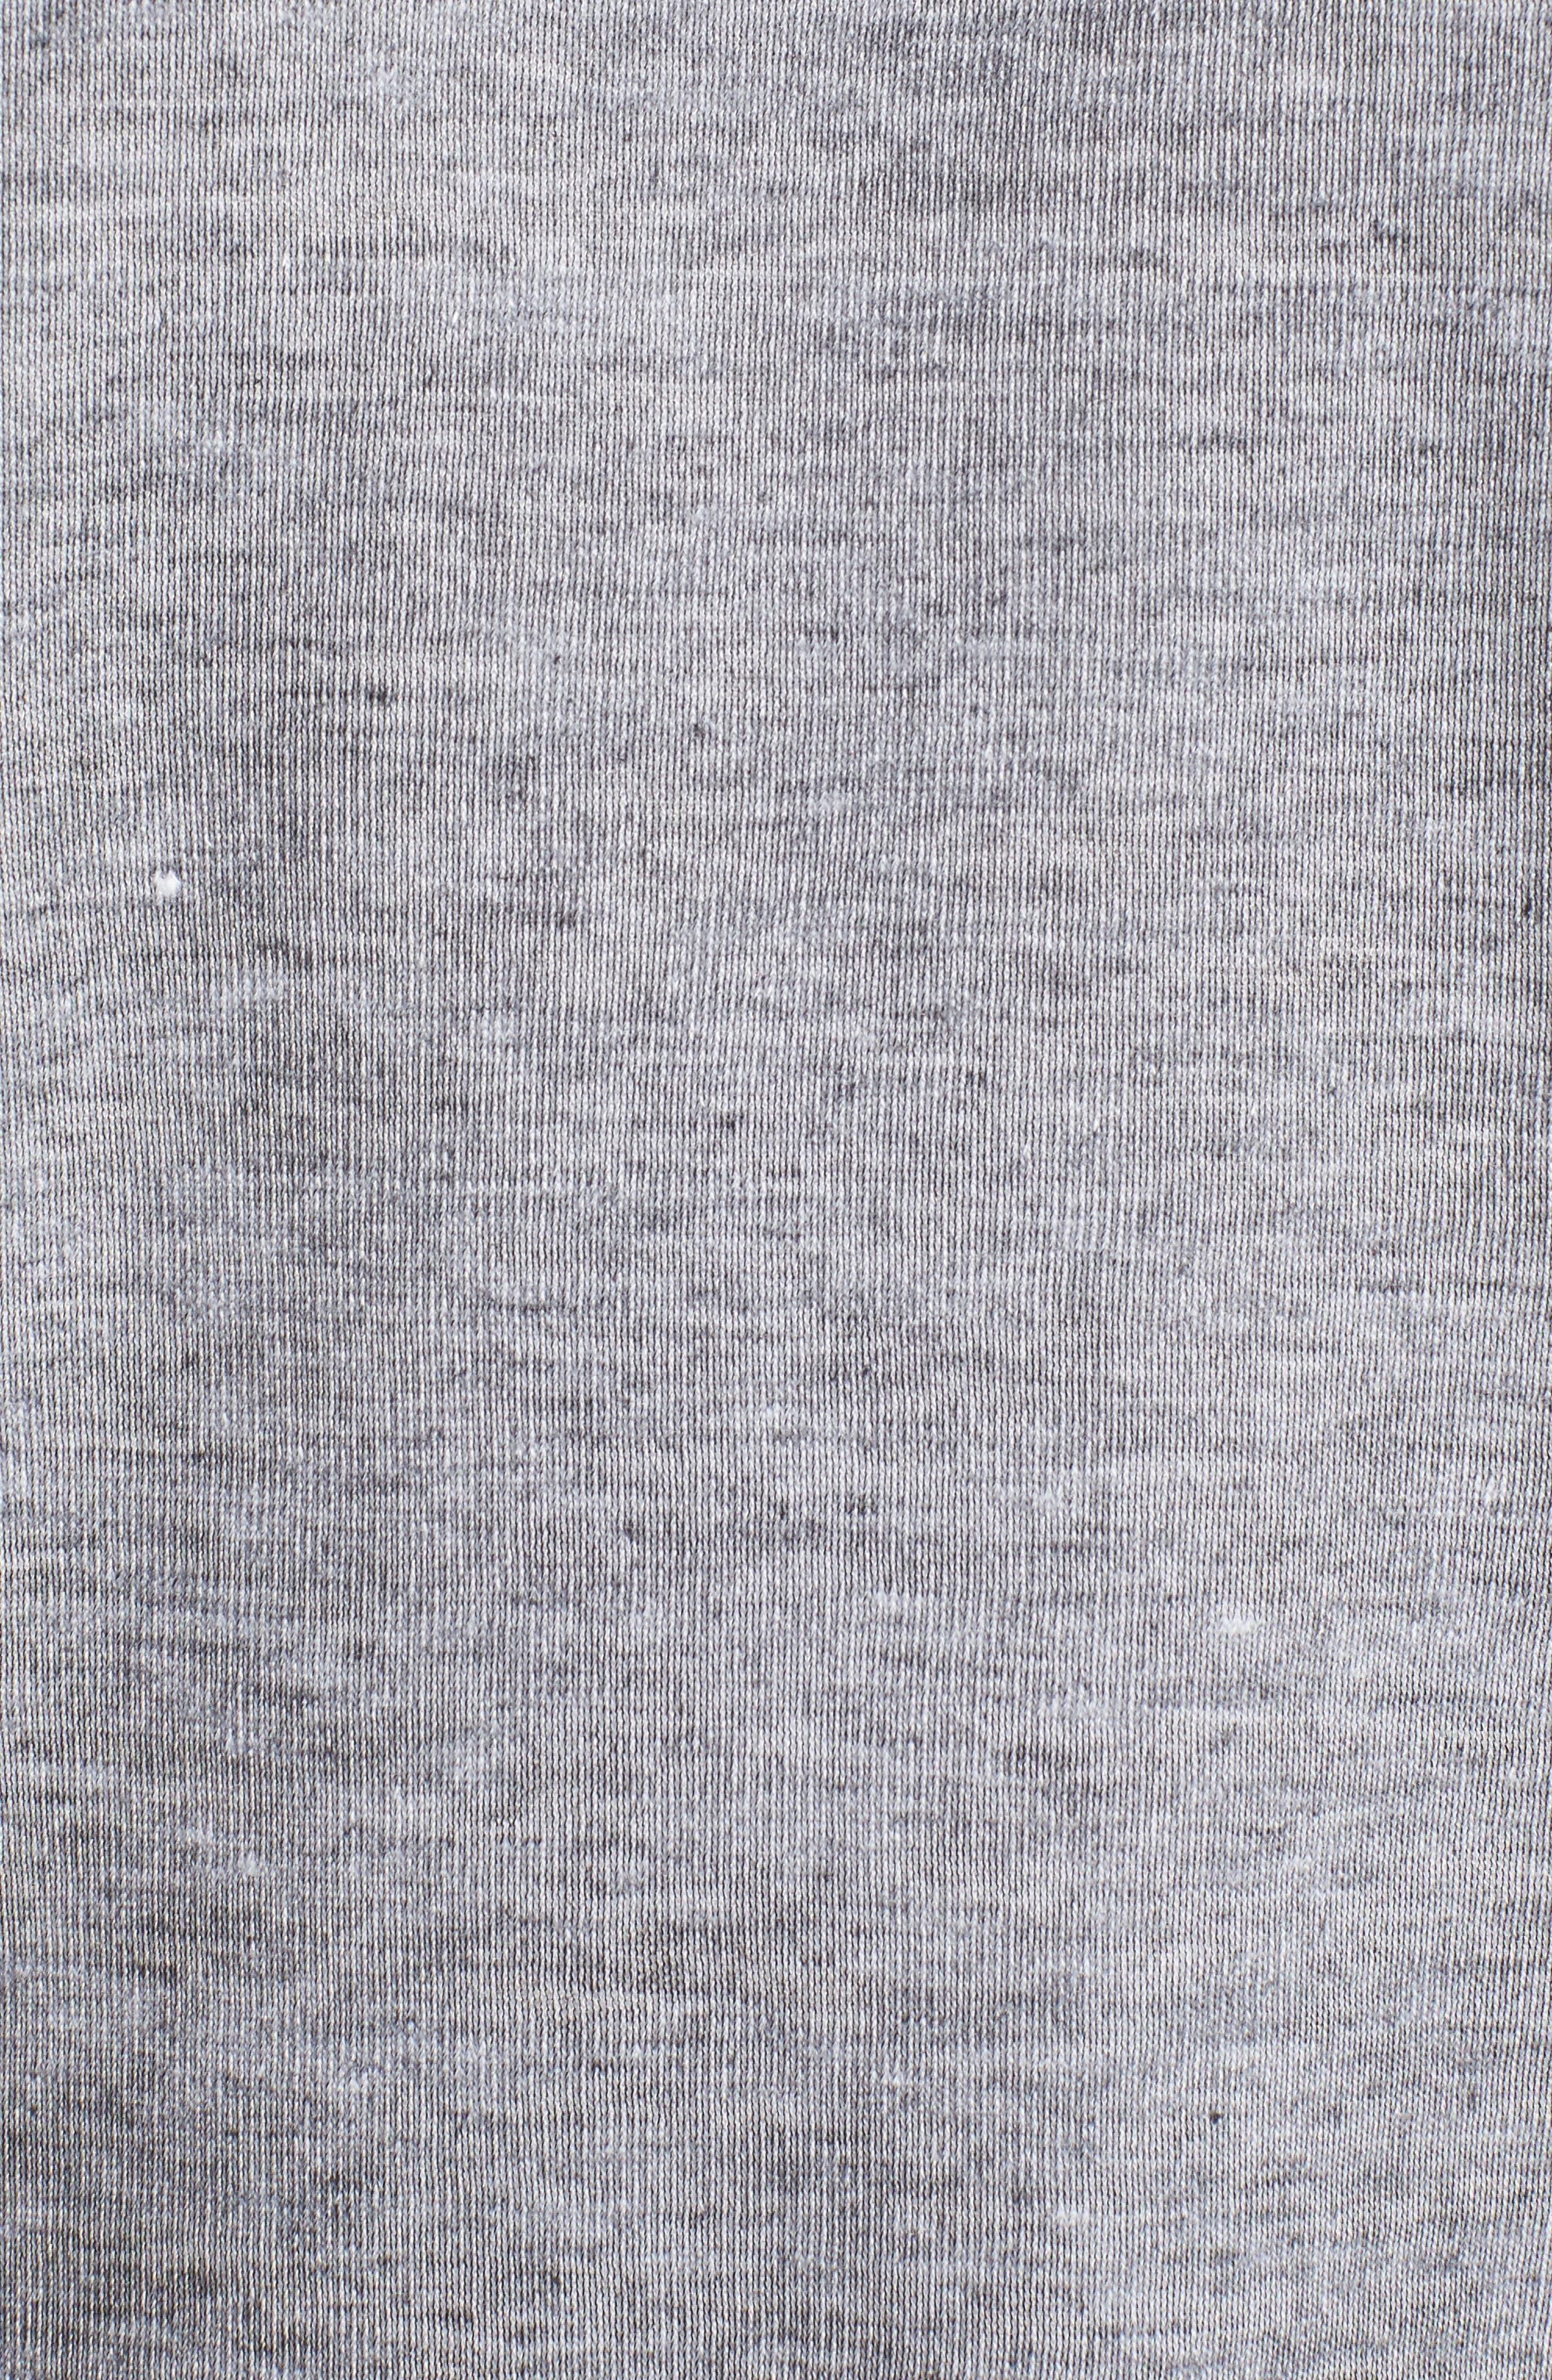 Ooh La La Sweatshirt,                             Alternate thumbnail 5, color,                             020